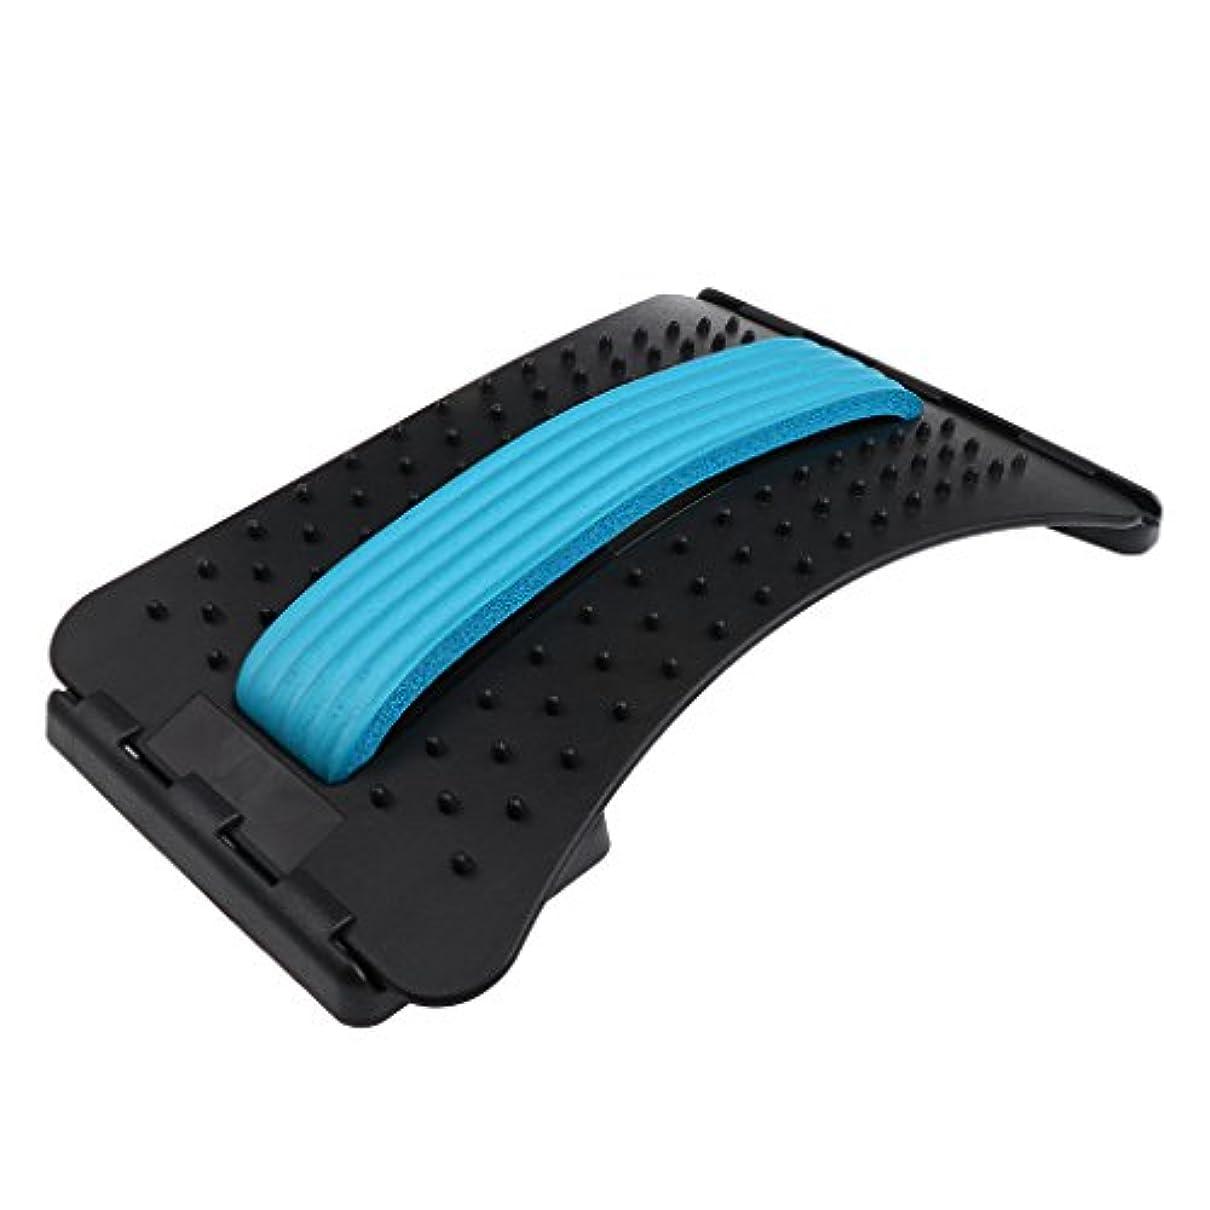 感謝している刈り取るフェンスバックストレッチャー マッサージャー サポート 3色選べる - 青